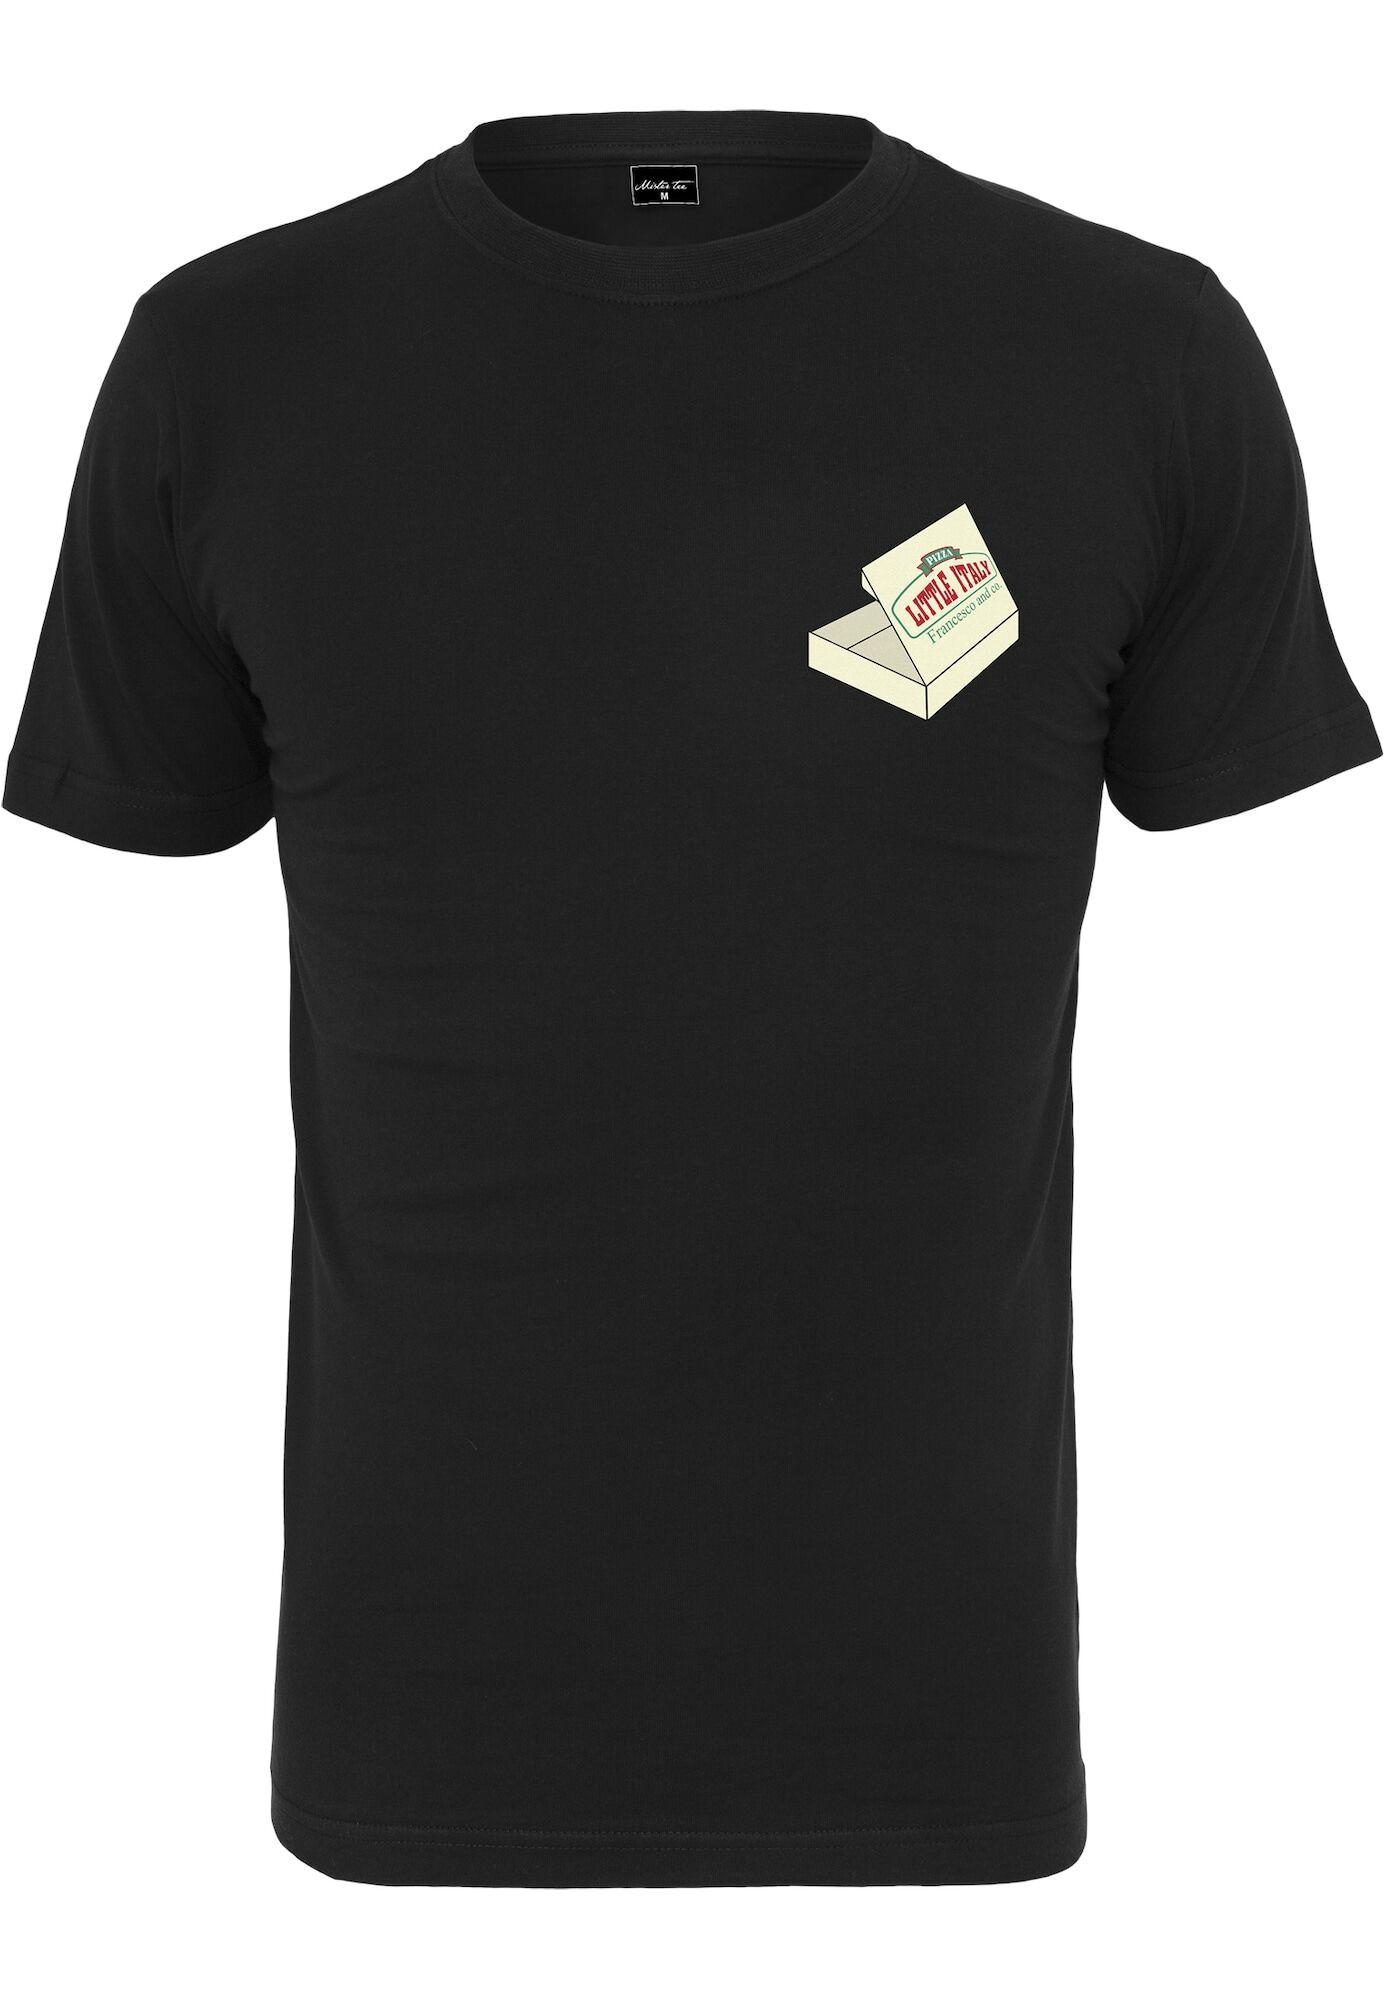 Tee T-Shirt 'Pizza Francesco'  - Noir - Taille: XS - male